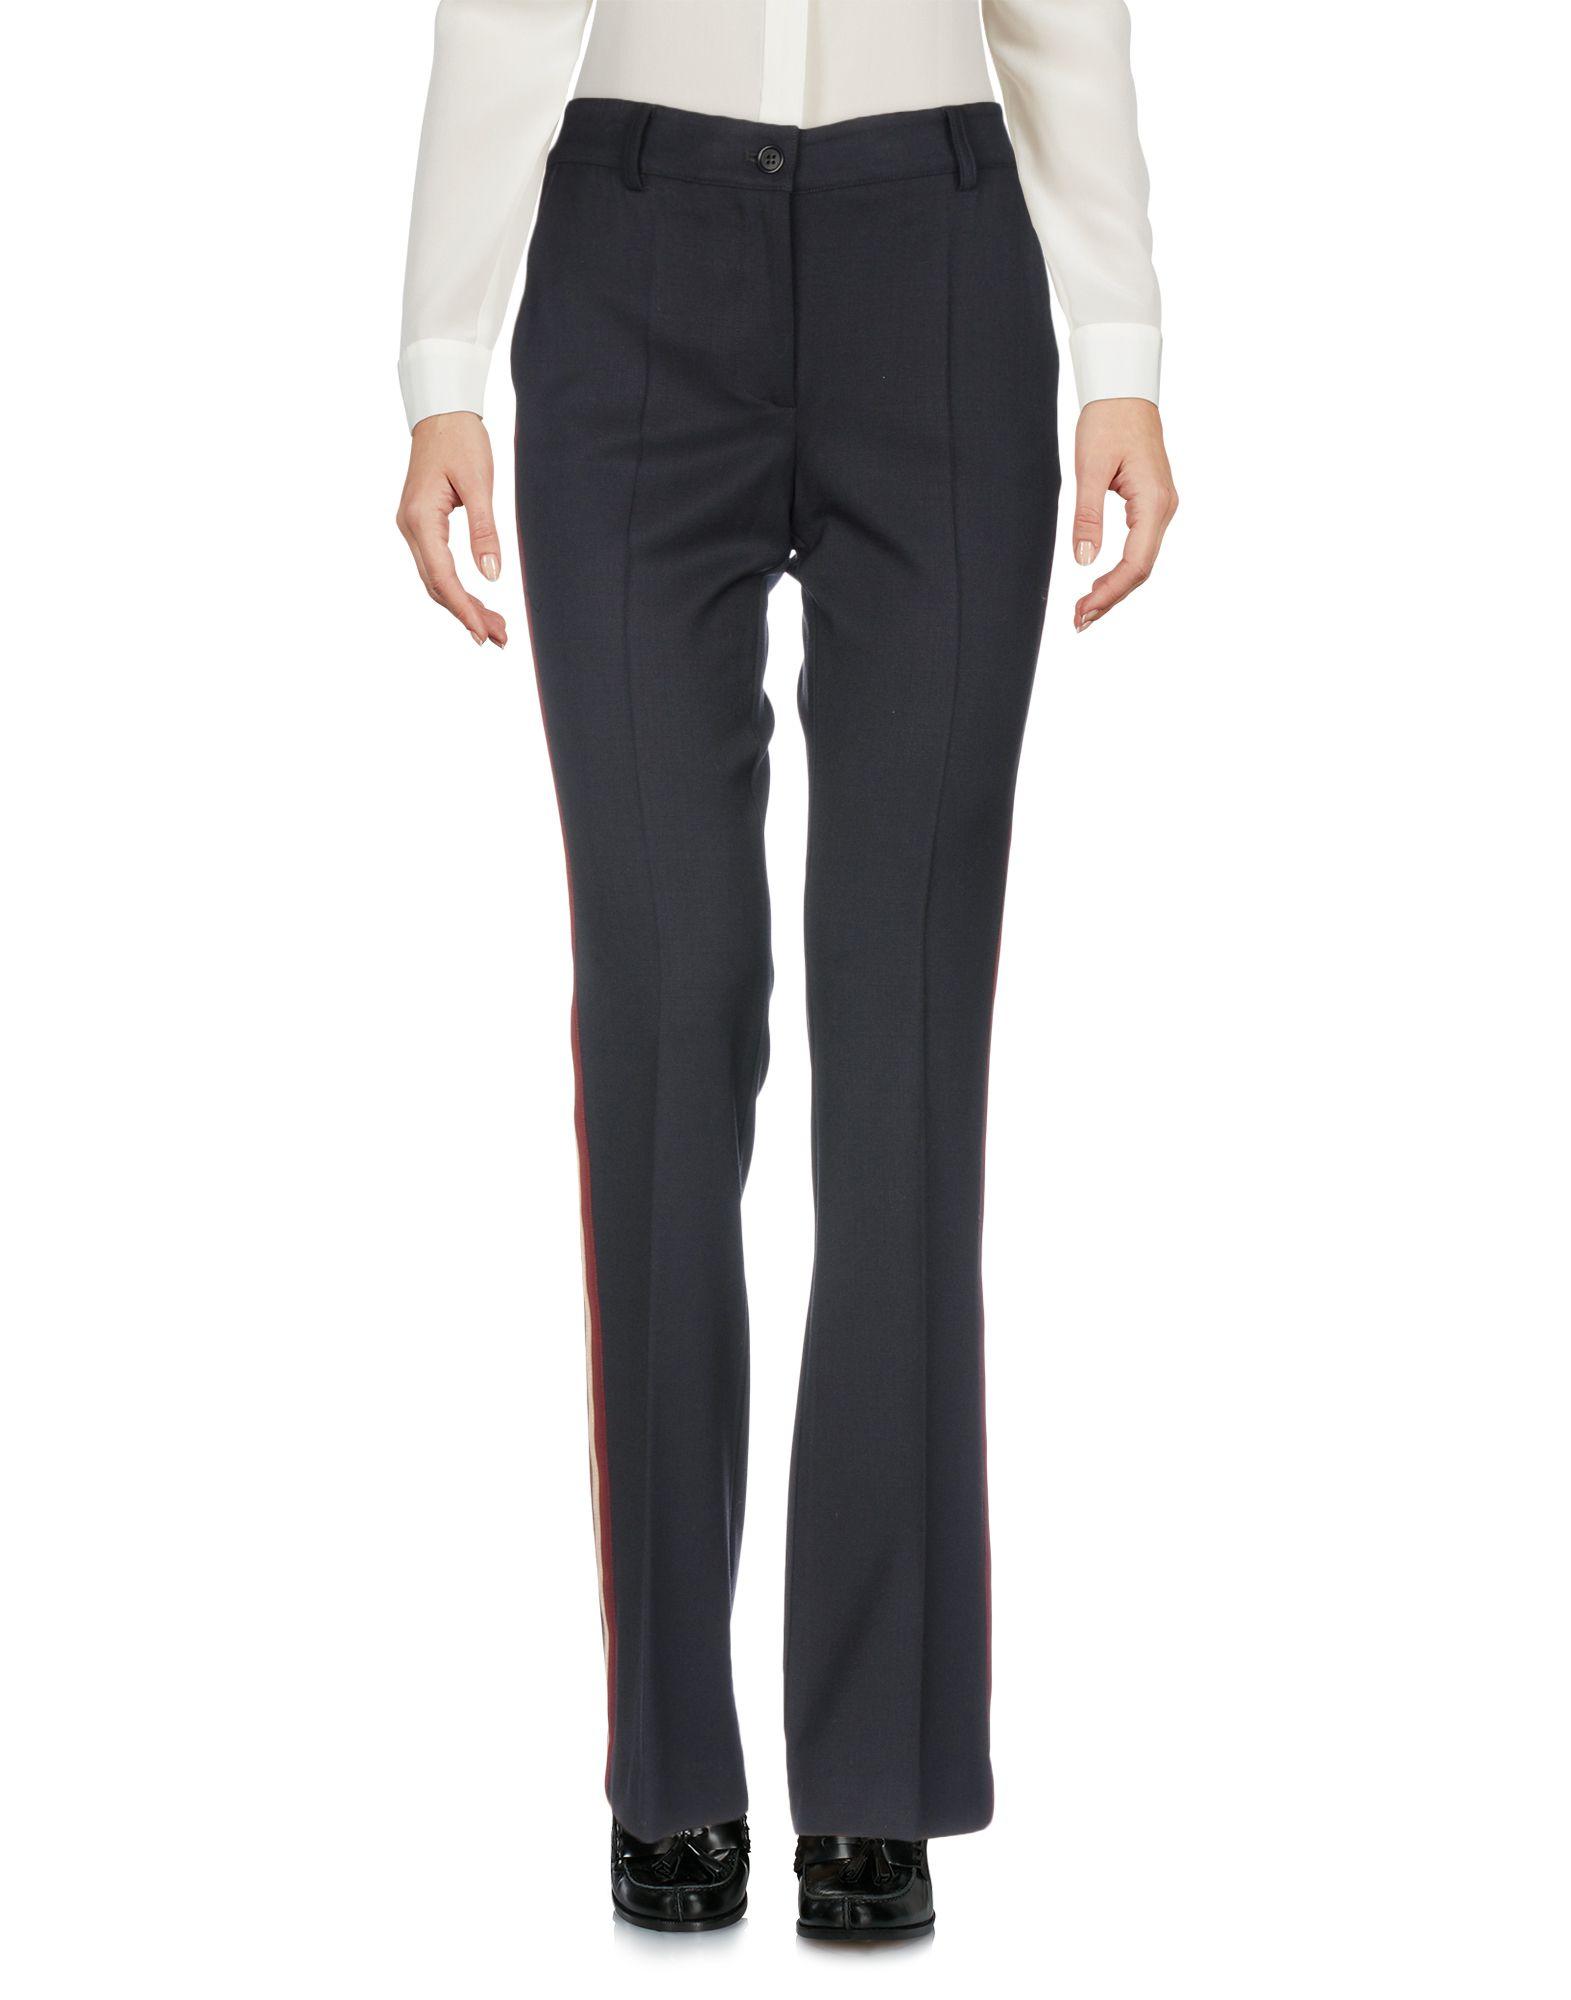 Pantalone P.A.R.O.S.H. Donna - Acquista online su 0y5iUklq